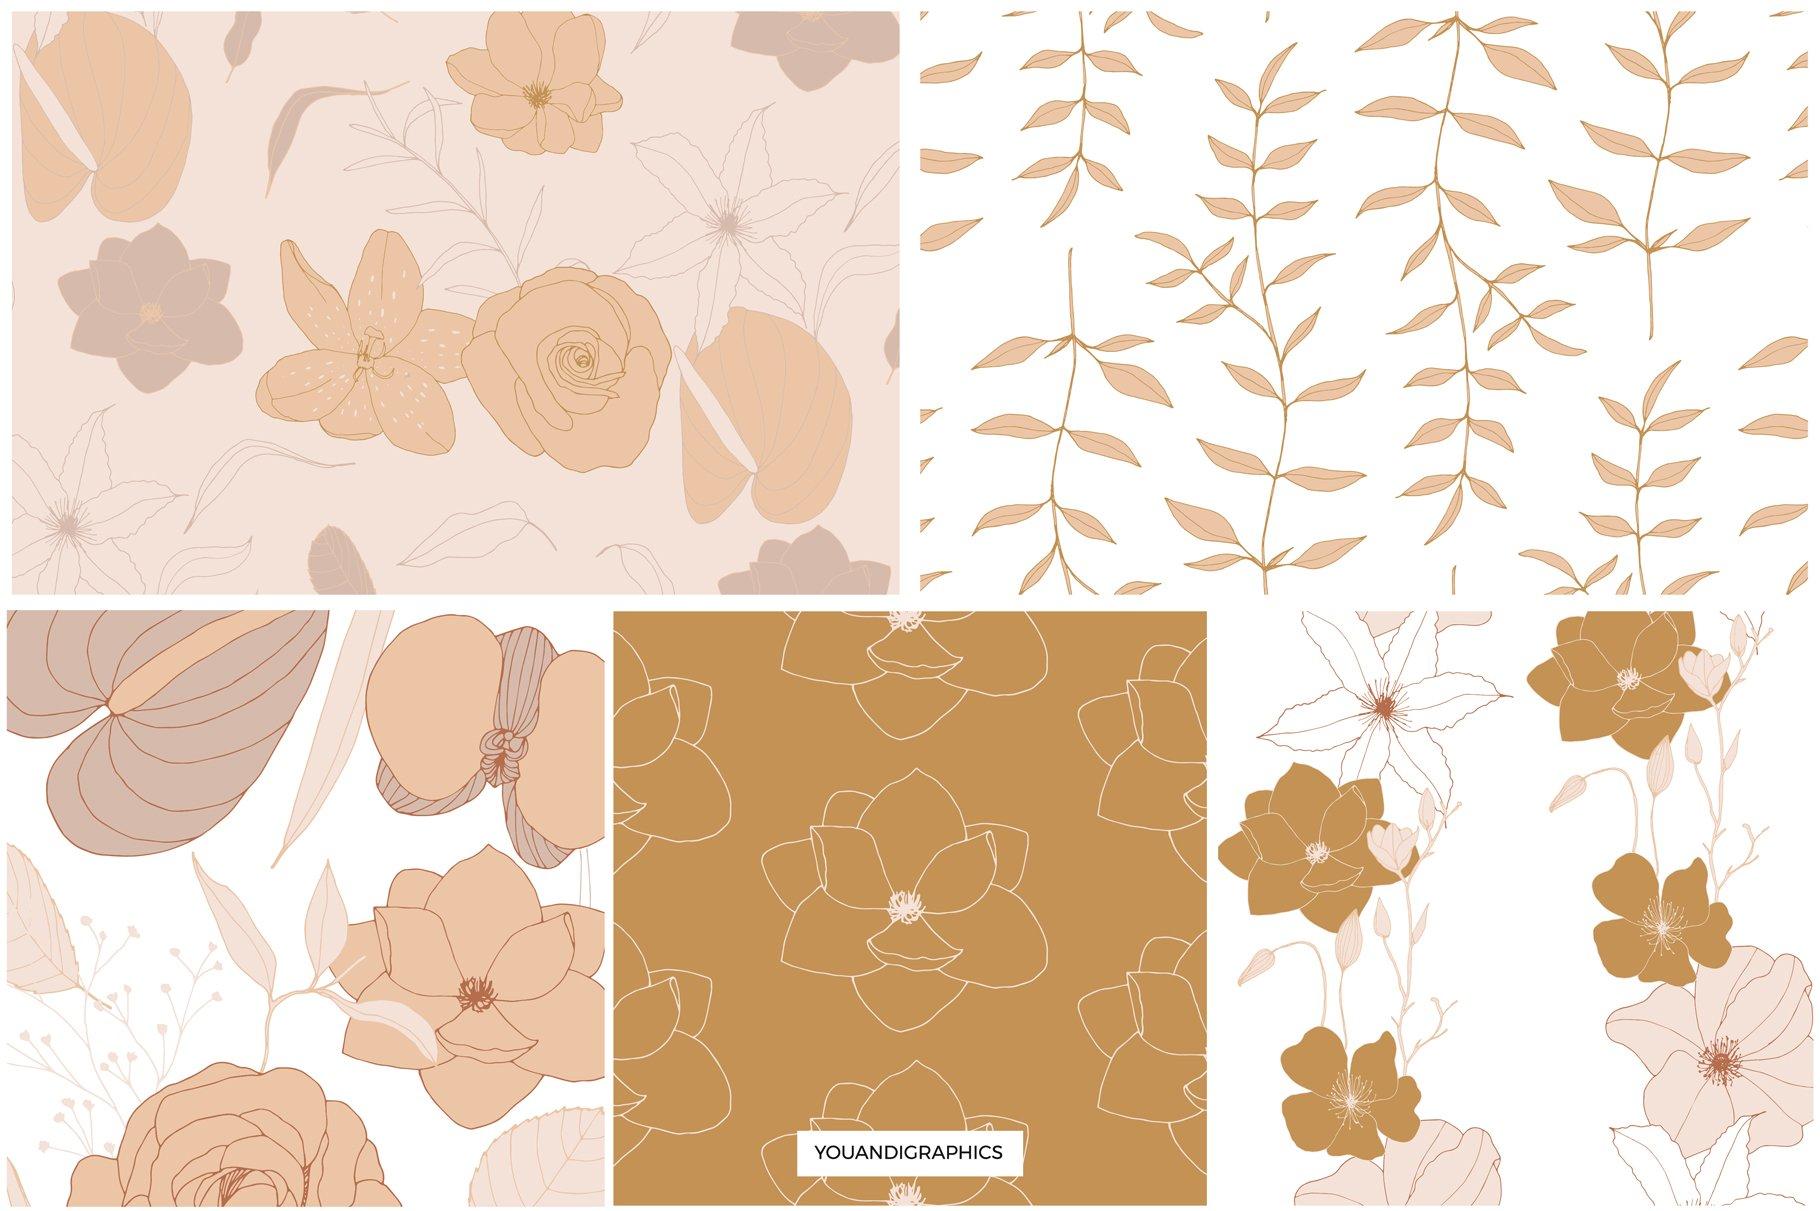 手绘盛开花卉花朵矢量无缝隙图案素材 Blooming Garden Floral Patterns插图(1)